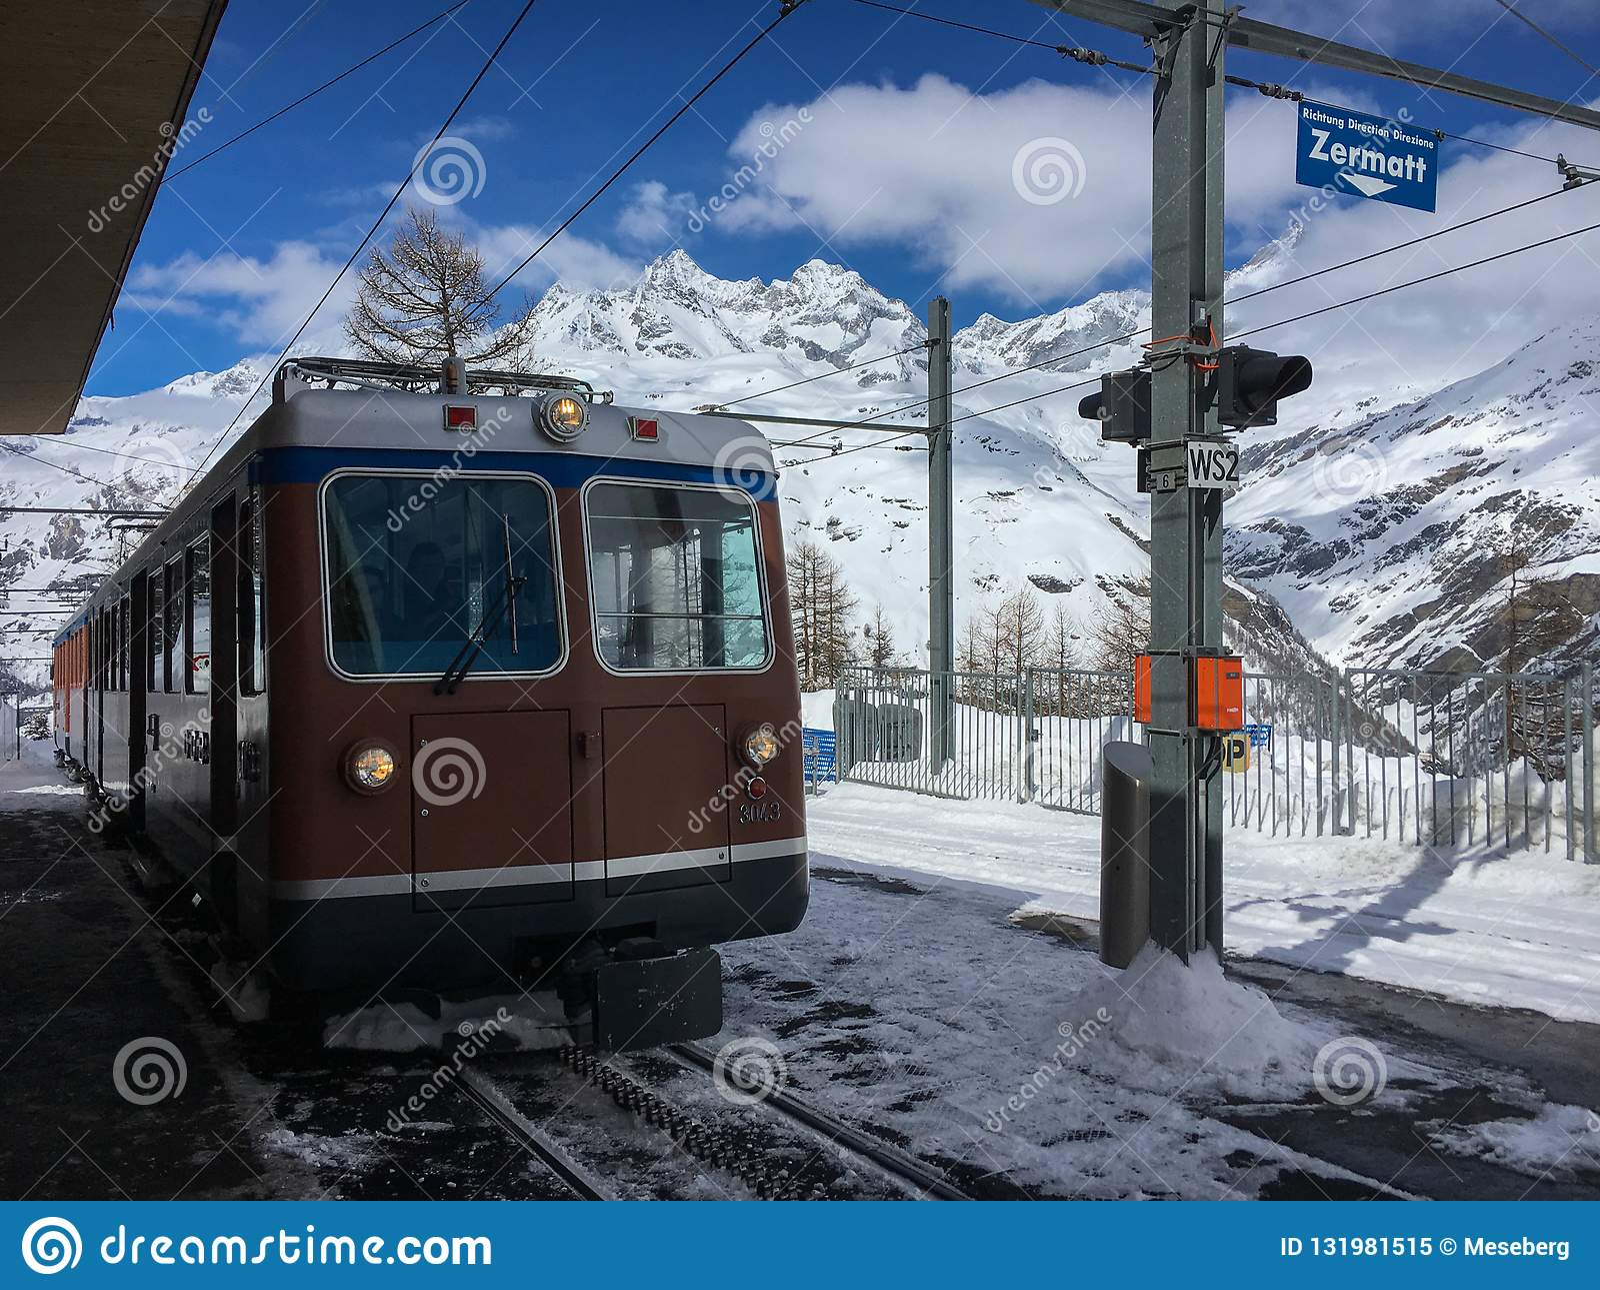 Gornergrath railway Gornergratbahn approching Riffelalp statio